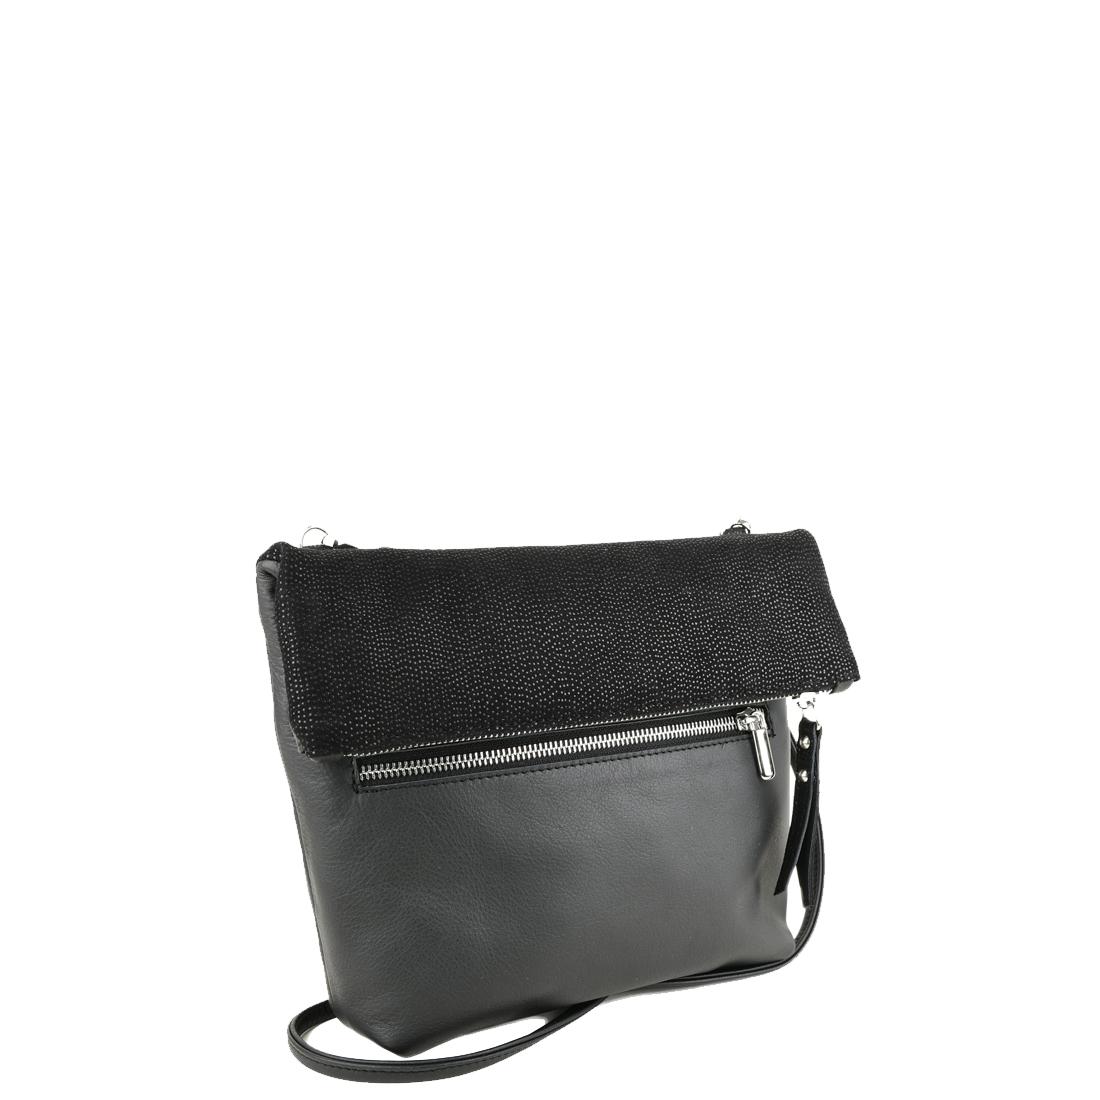 Sofia Black Across Body Bag